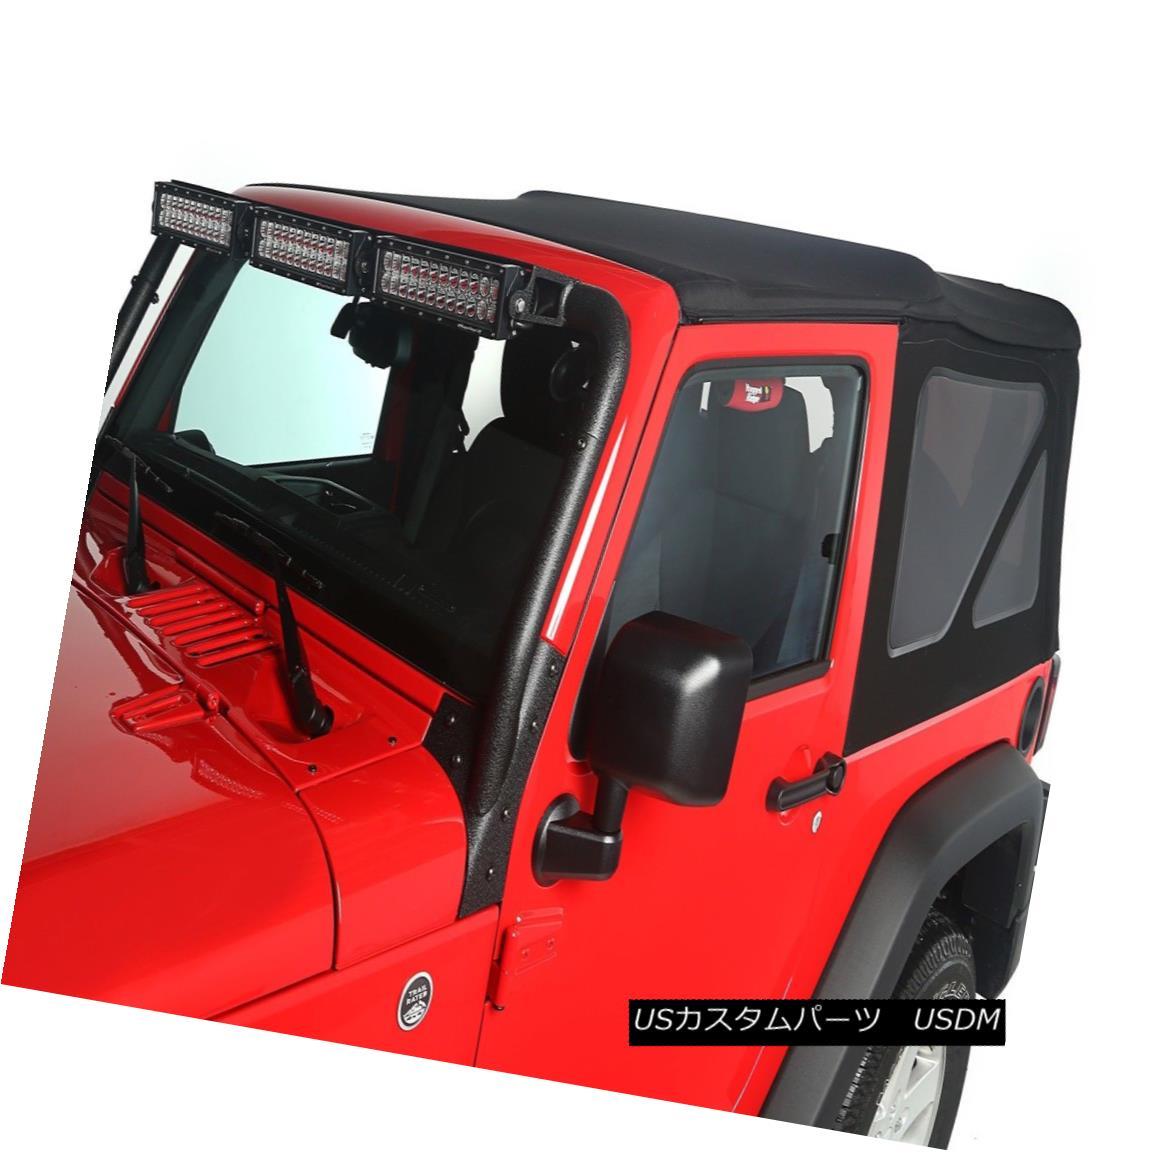 幌・ソフトトップ Soft Top, Black Diamond; 10-16 Jeep Wrangler JK ソフトトップ、ブラックダイヤモンド; ジープ・ラングラーJK